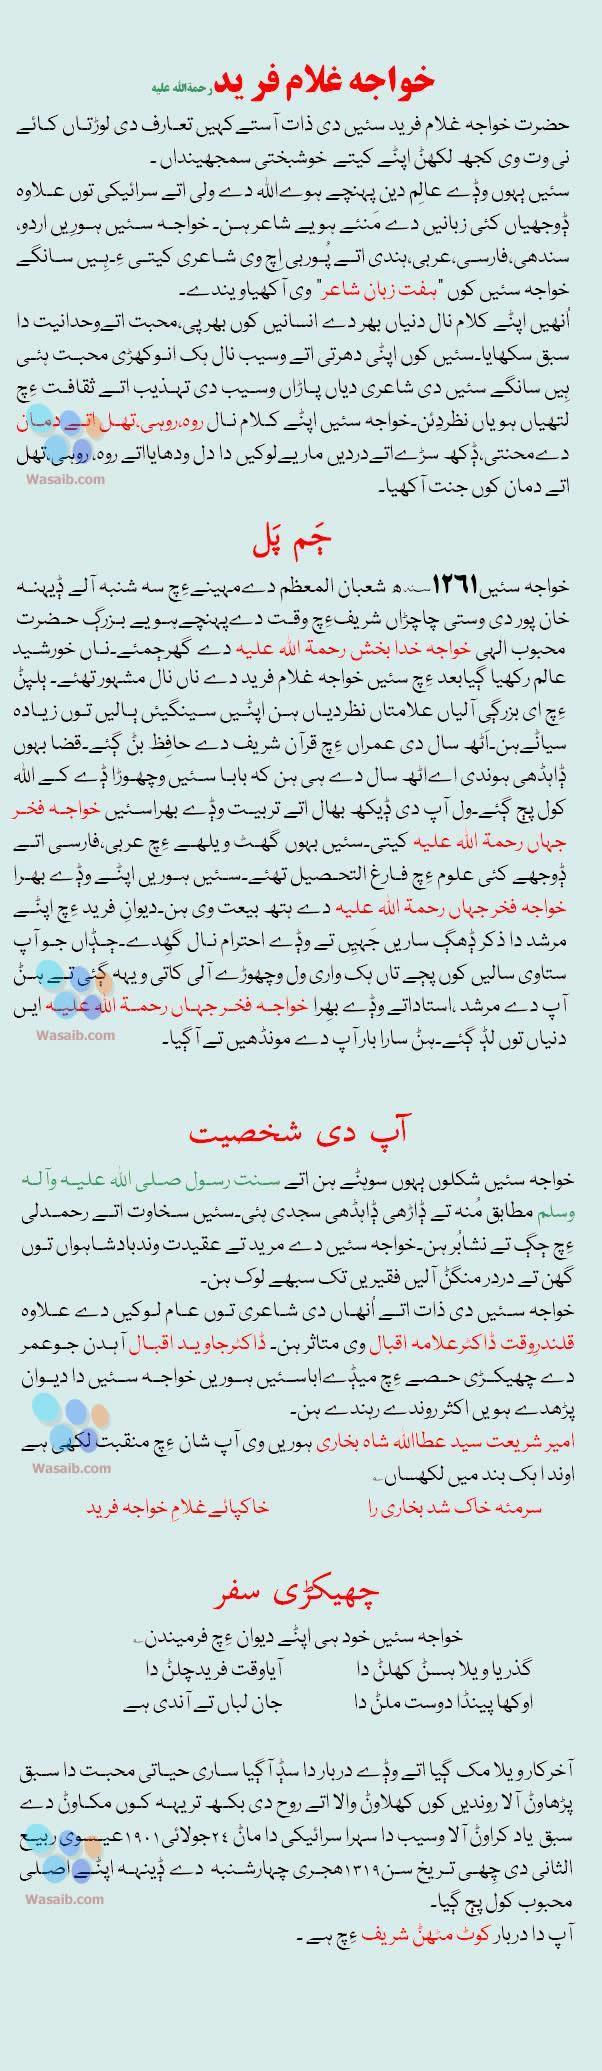 Ajj Di Ggaalh - Khawaja Ghulam Farid (Umar Faizi)